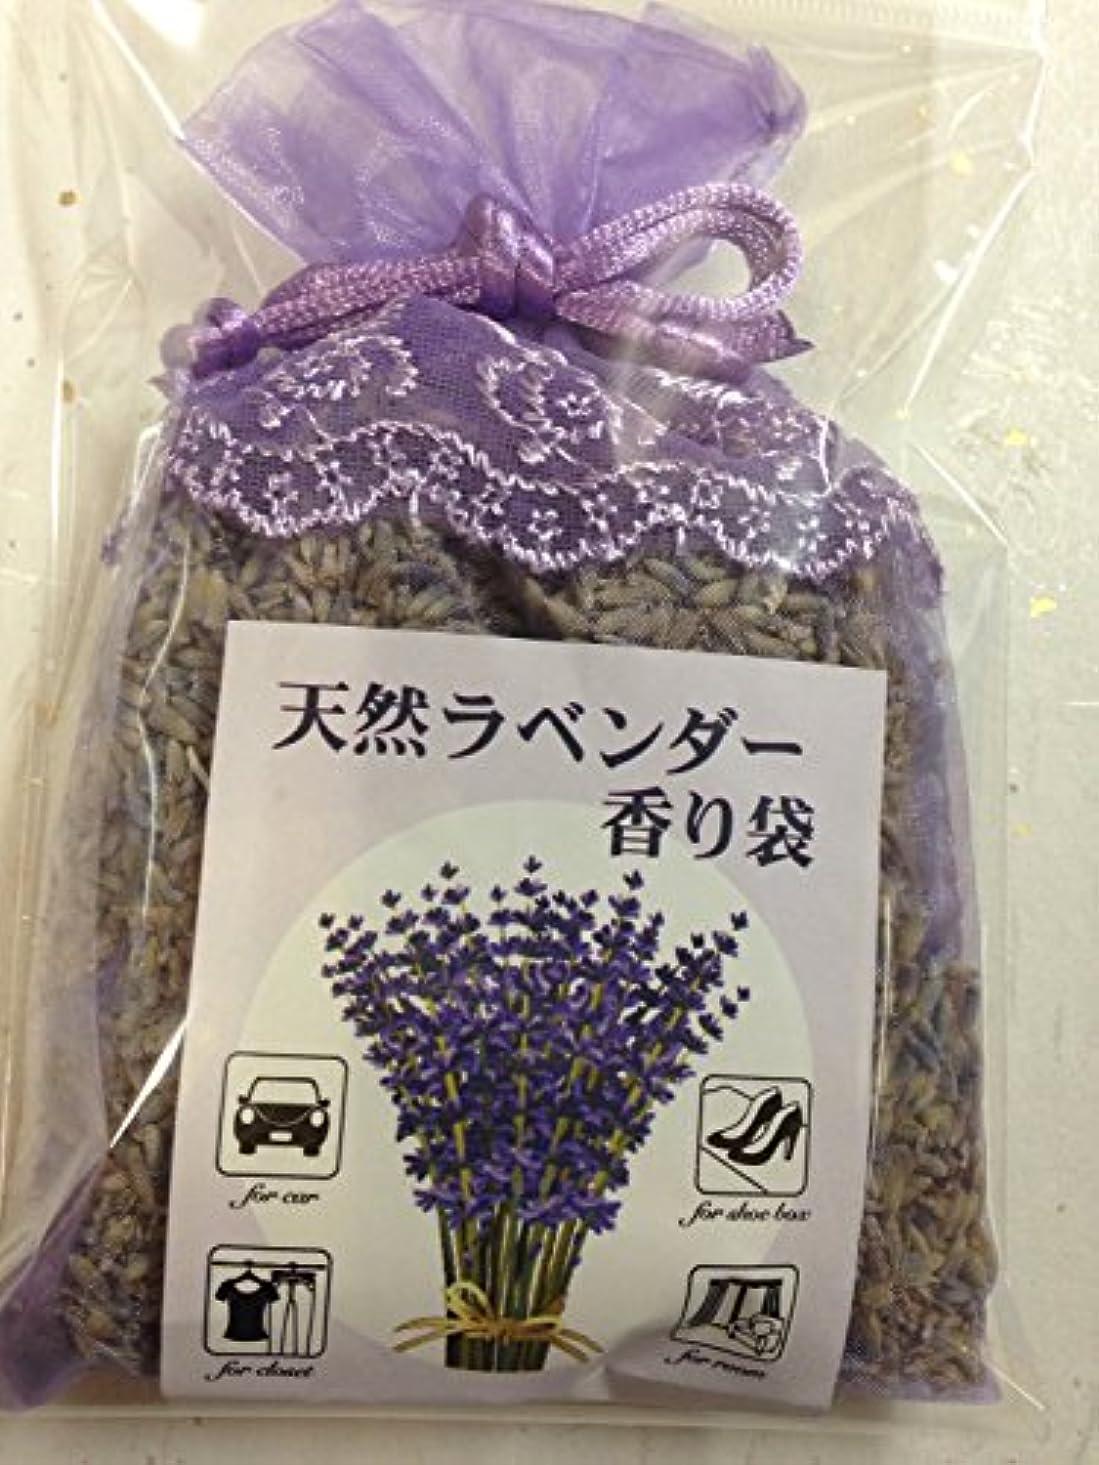 降臨閉塞物理学者◆天然ラベンダー?ポプリ香り袋 巾着<小>◆Aroma Lavender /Hokkaido